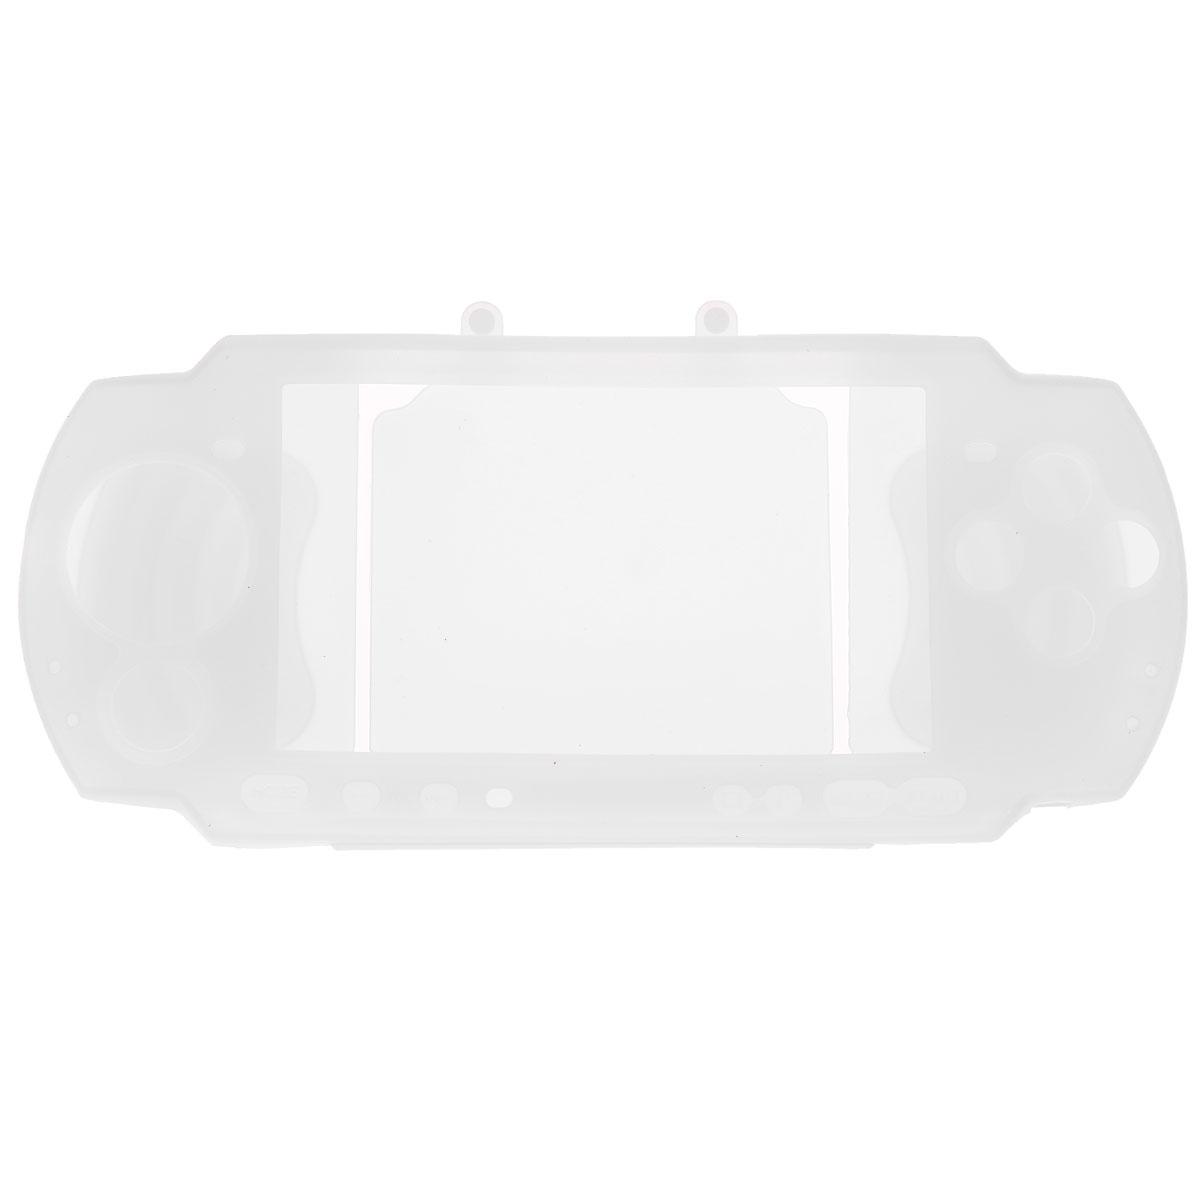 Силиконовый чехол Game Guru Silicon Case для PSP 3000 (белый)